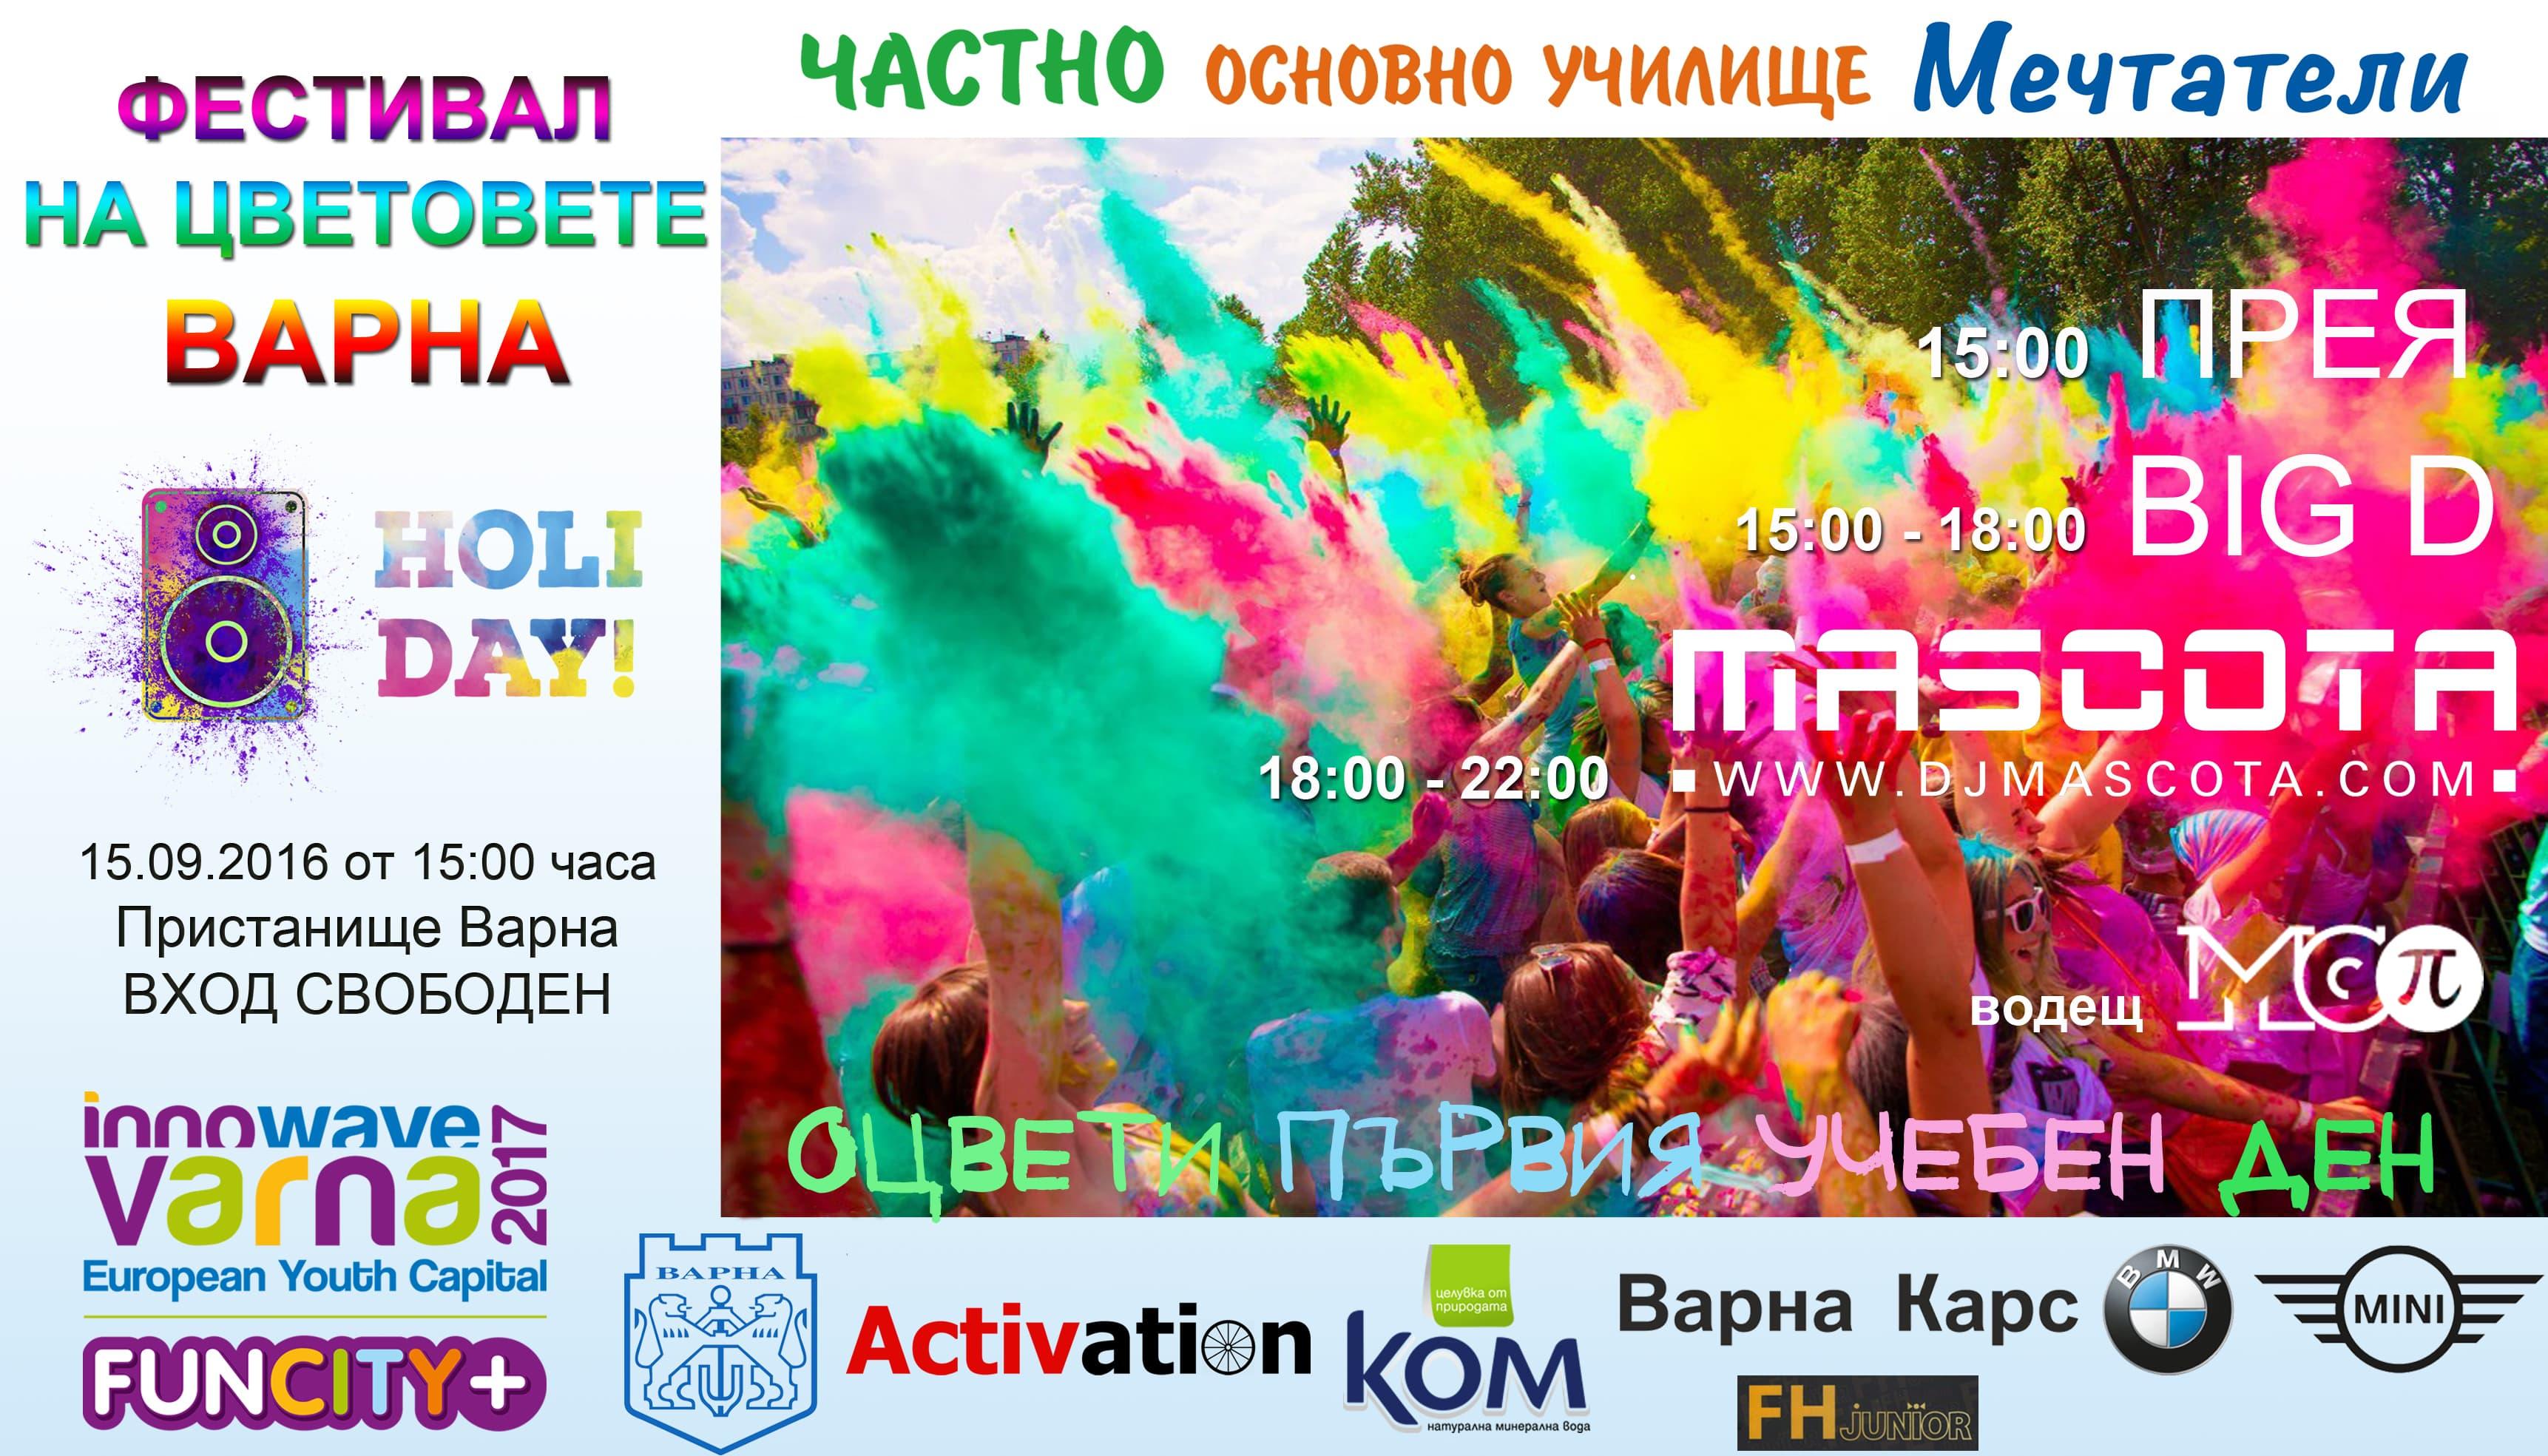 Фестивал на цветовете - маркетингова агенция Activation